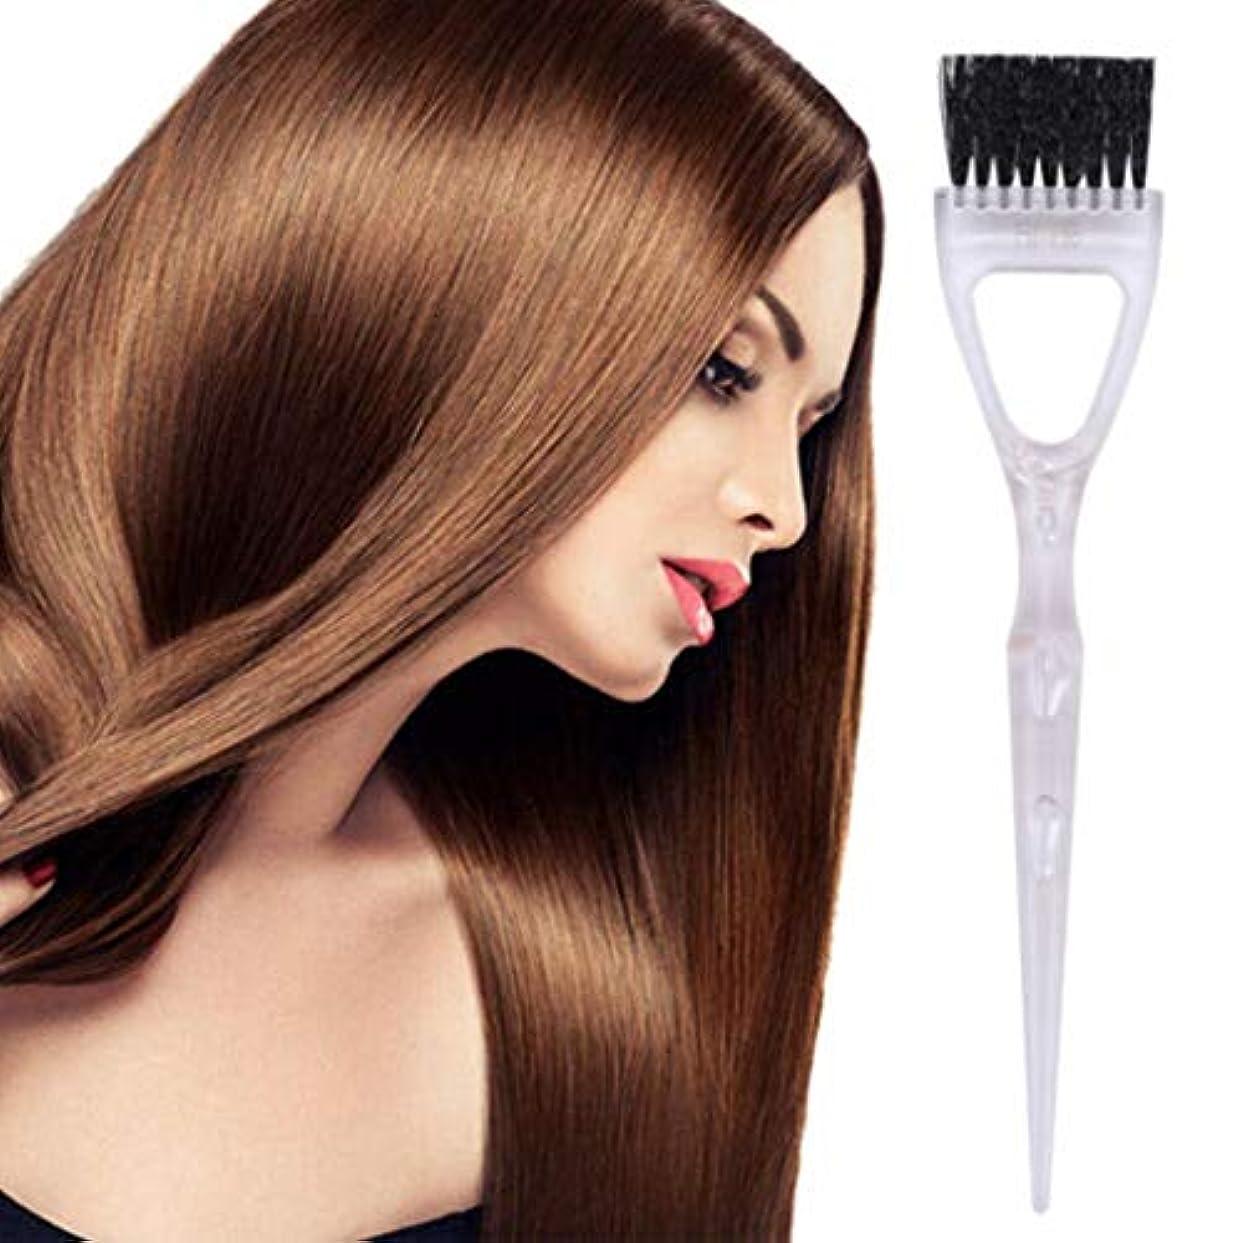 間違えた圧力火薬染毛ブラシヘアブラシサロンコームヘアカラーブラシ染めトーンツールキット、カラーケアの染毛ケラチン